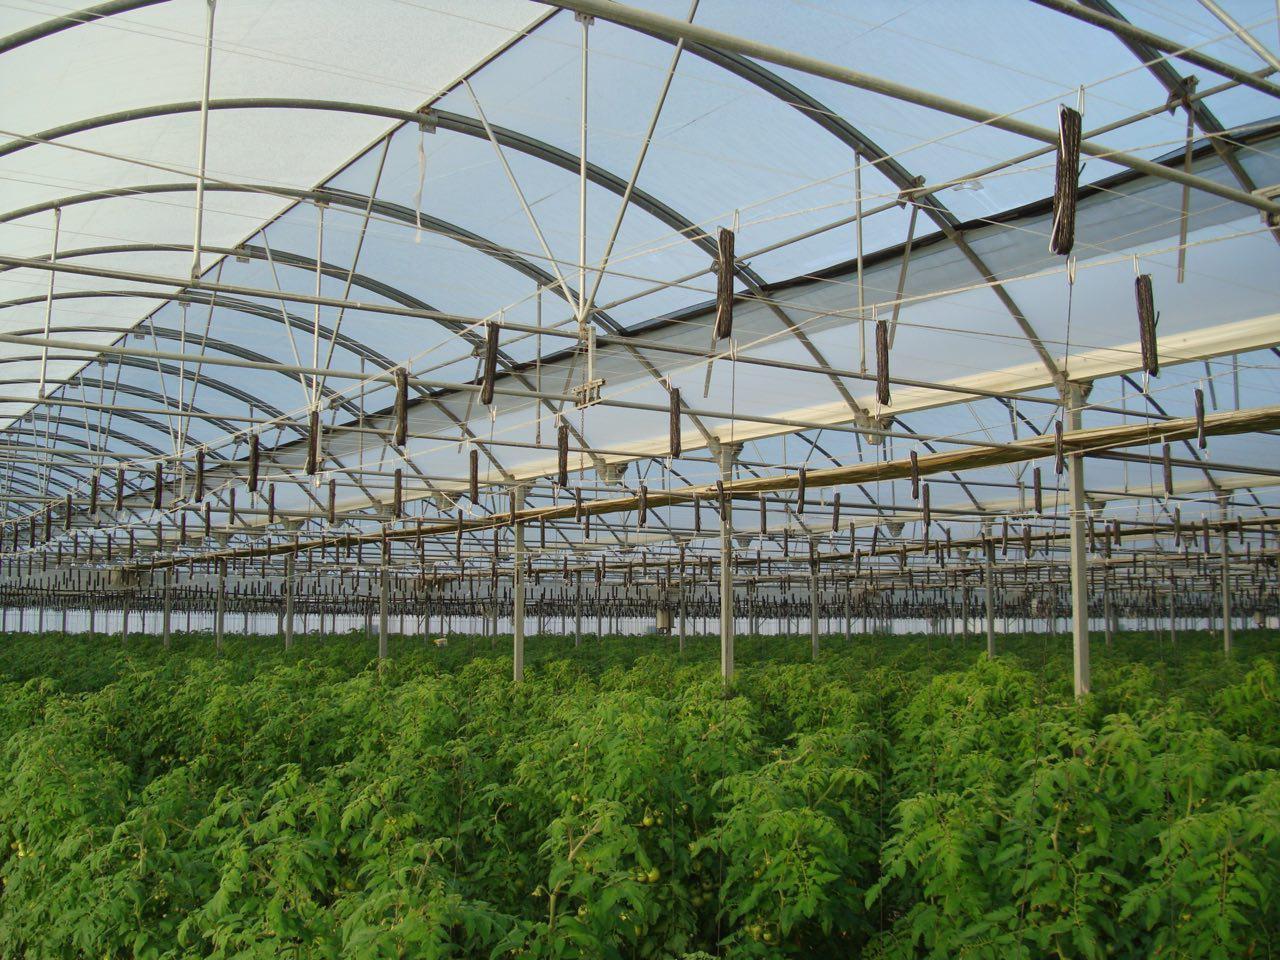 برداشت ۱۰ هزار تن انواع محصولات گلخانهای در ارزوئیه